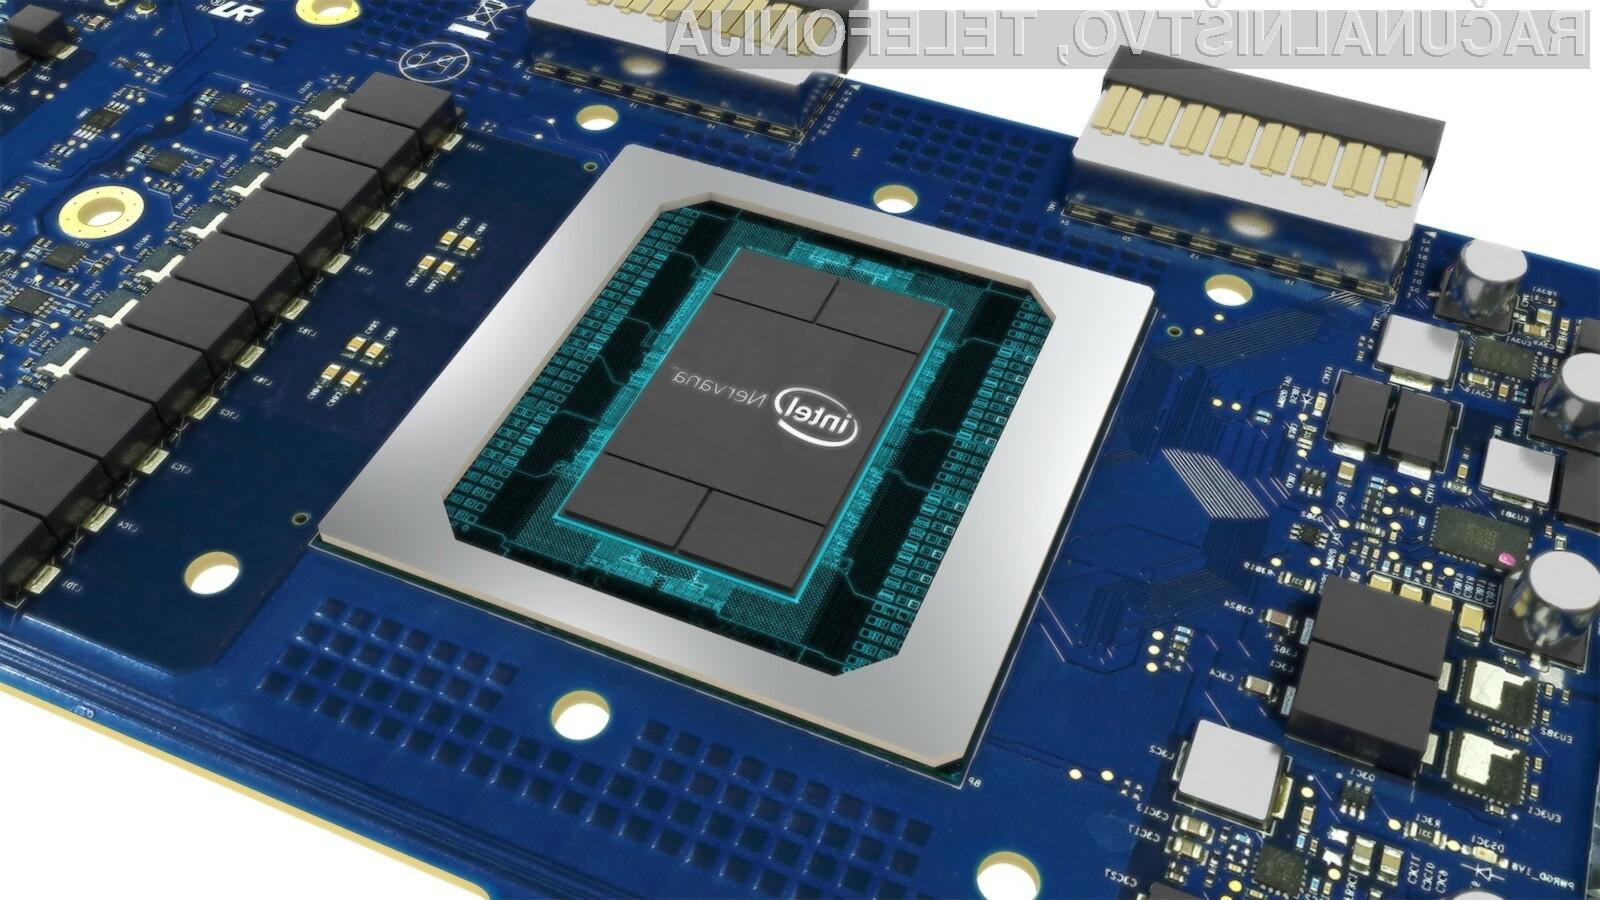 Podjetje Intel je pripravilo dva namenska procesorja, ki sta precej zmogljivejša od konkurenčnih rešitev.